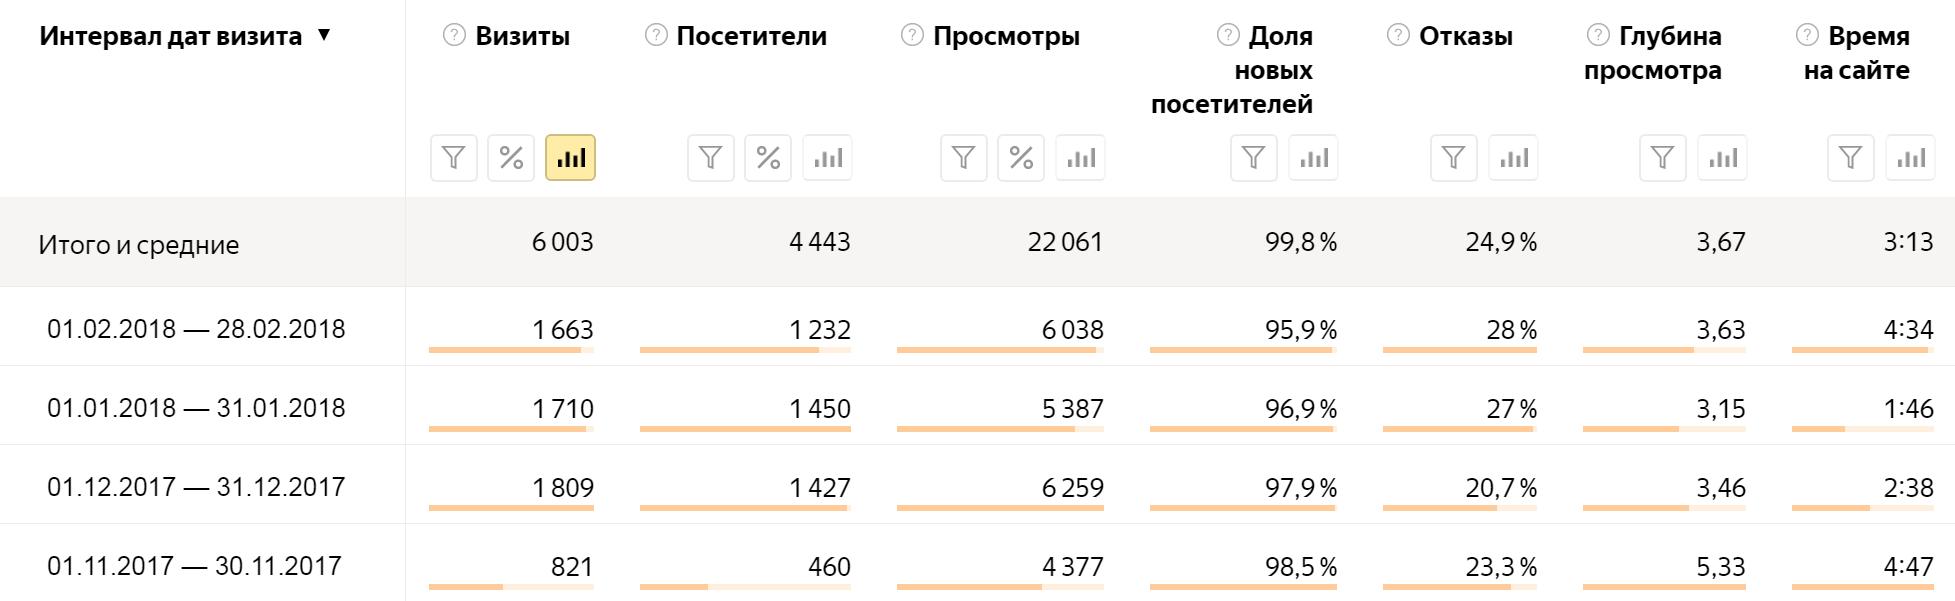 Количество визитов в месяц